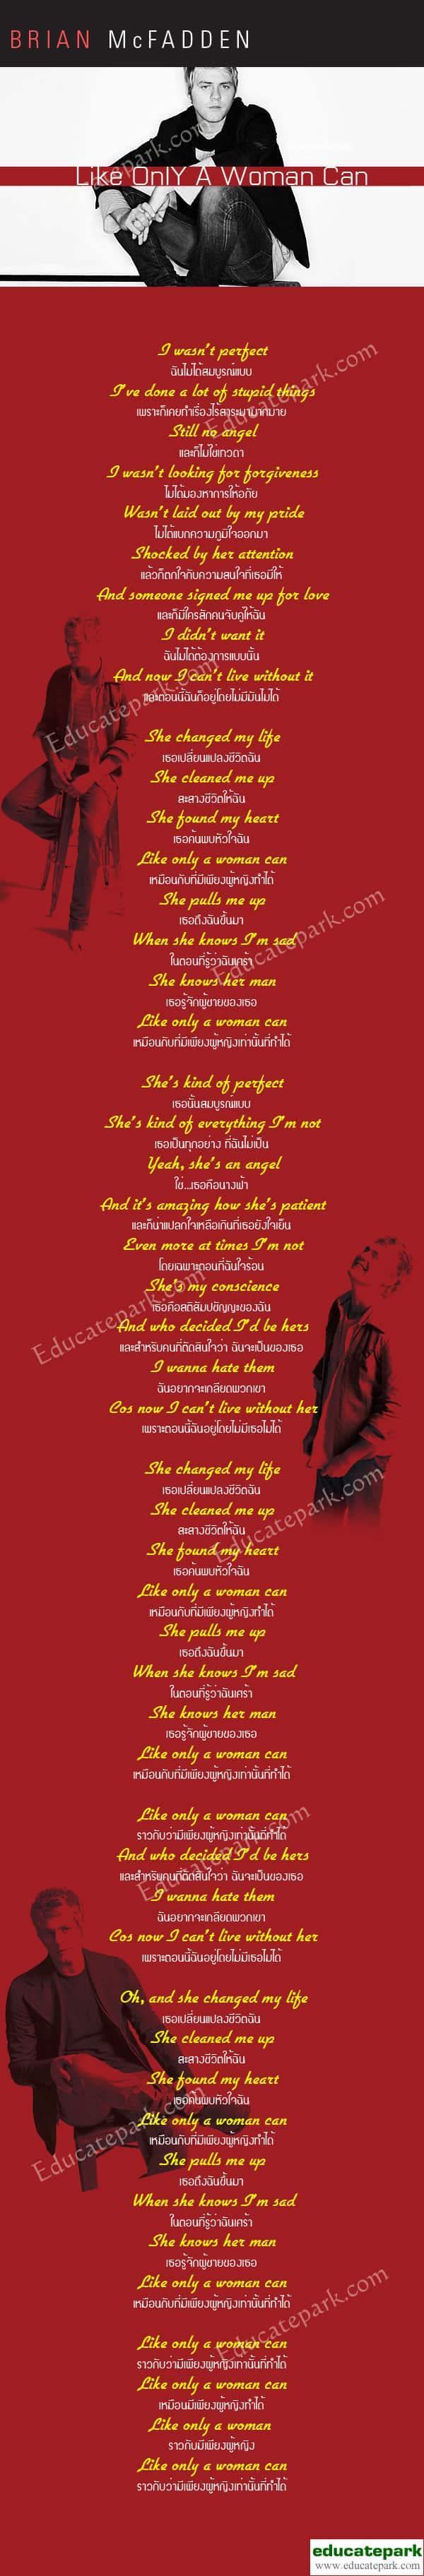 แปลเพลง Like Only a Woman Can - Brian McFadden